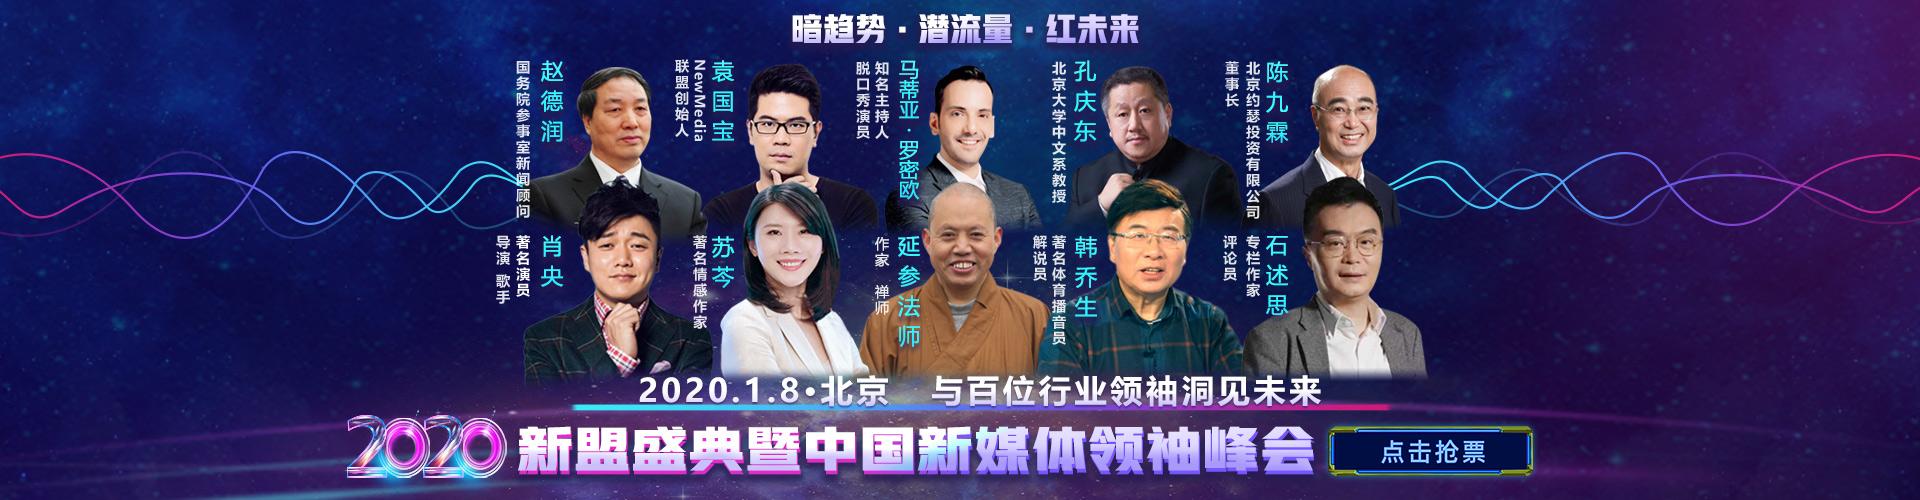 2020新盟盛典暨中国新媒体领袖峰会